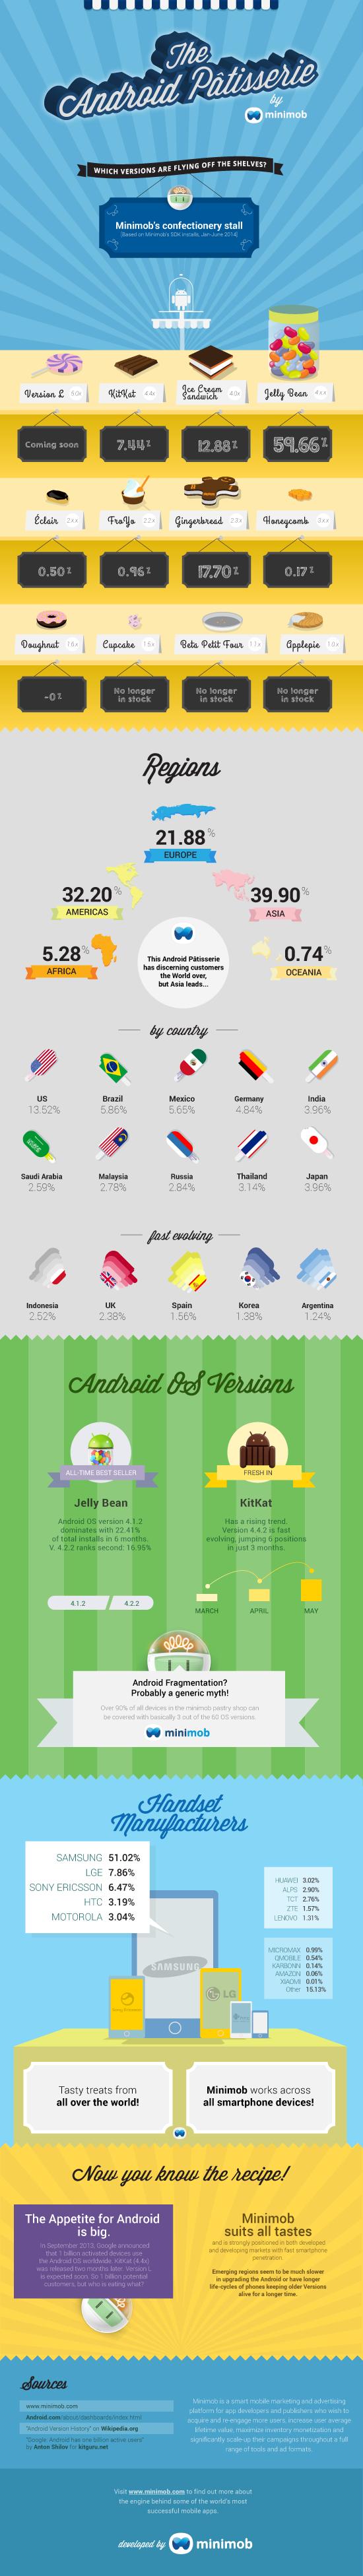 Infographic_Minimob